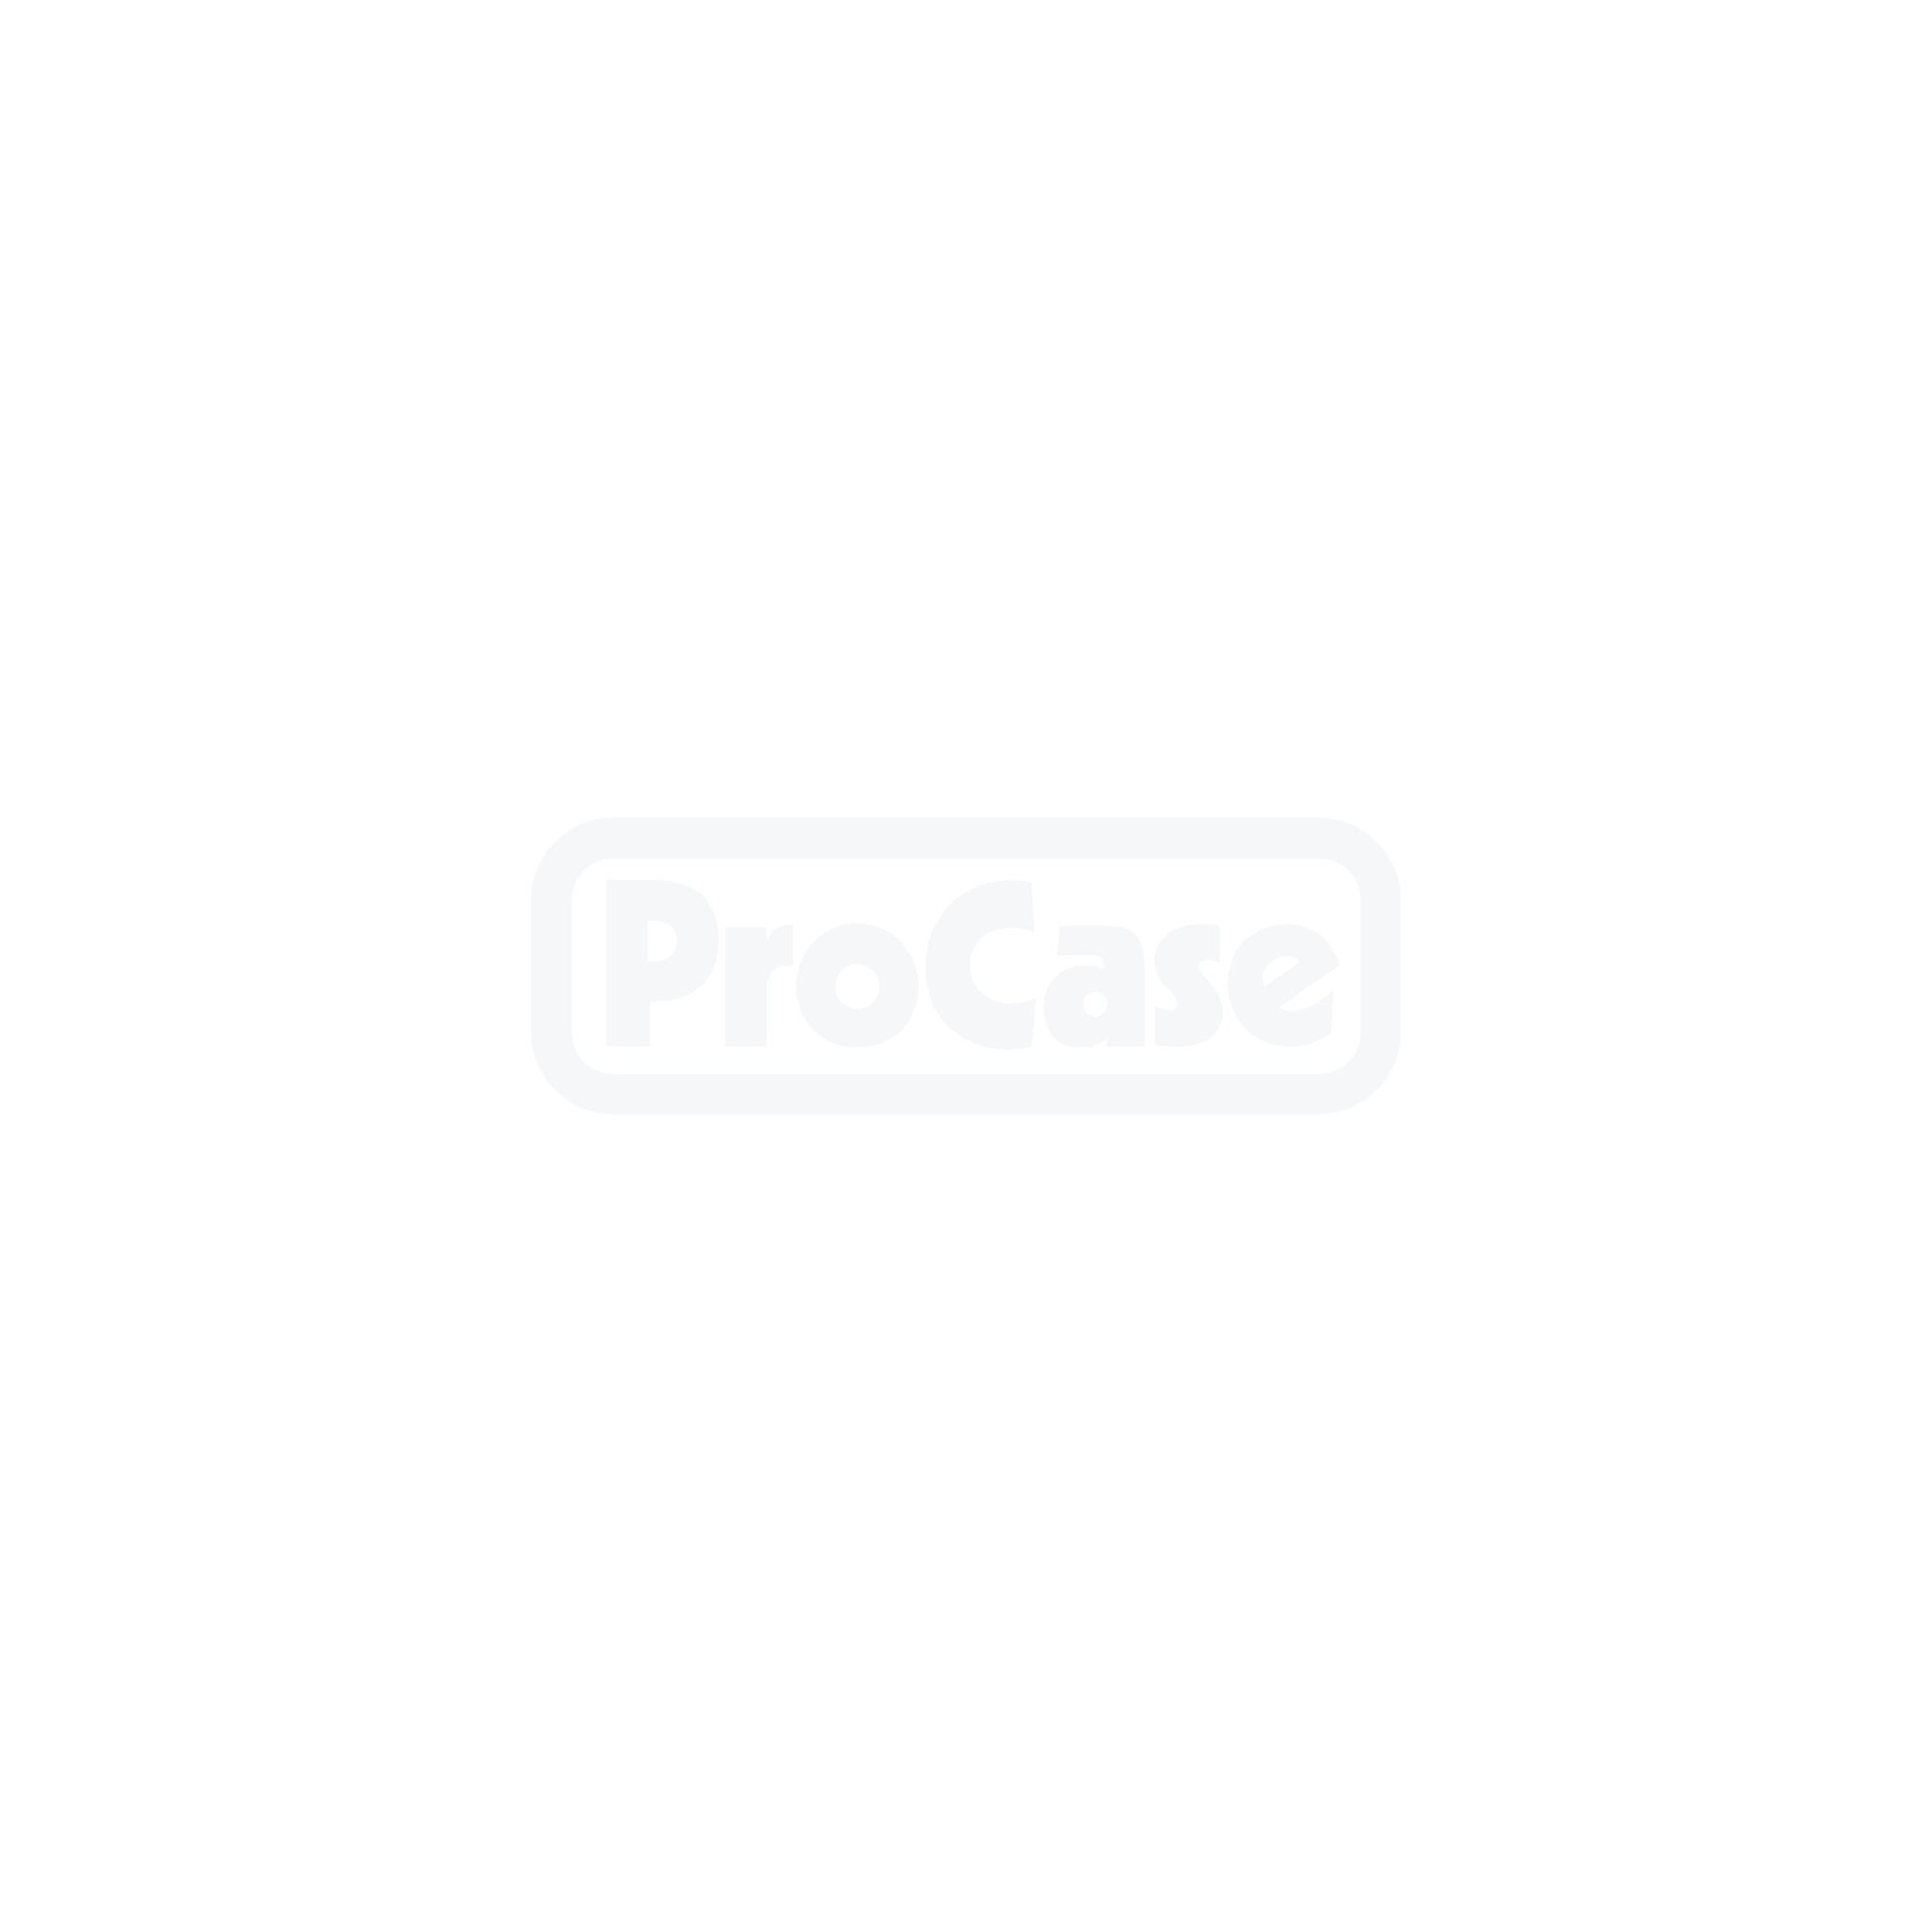 SKB 3i Koffer 3021-12 leer mit Trolley